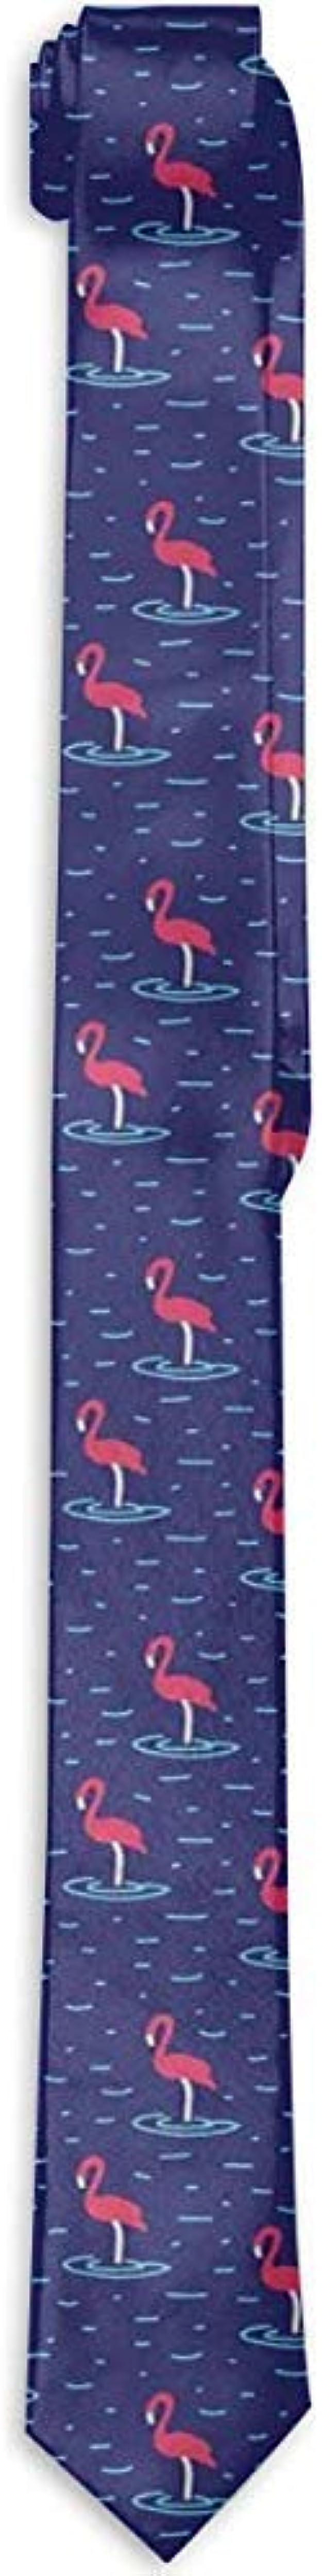 Corbata floral estampada para hombres, diseño de niños dibujados a ...